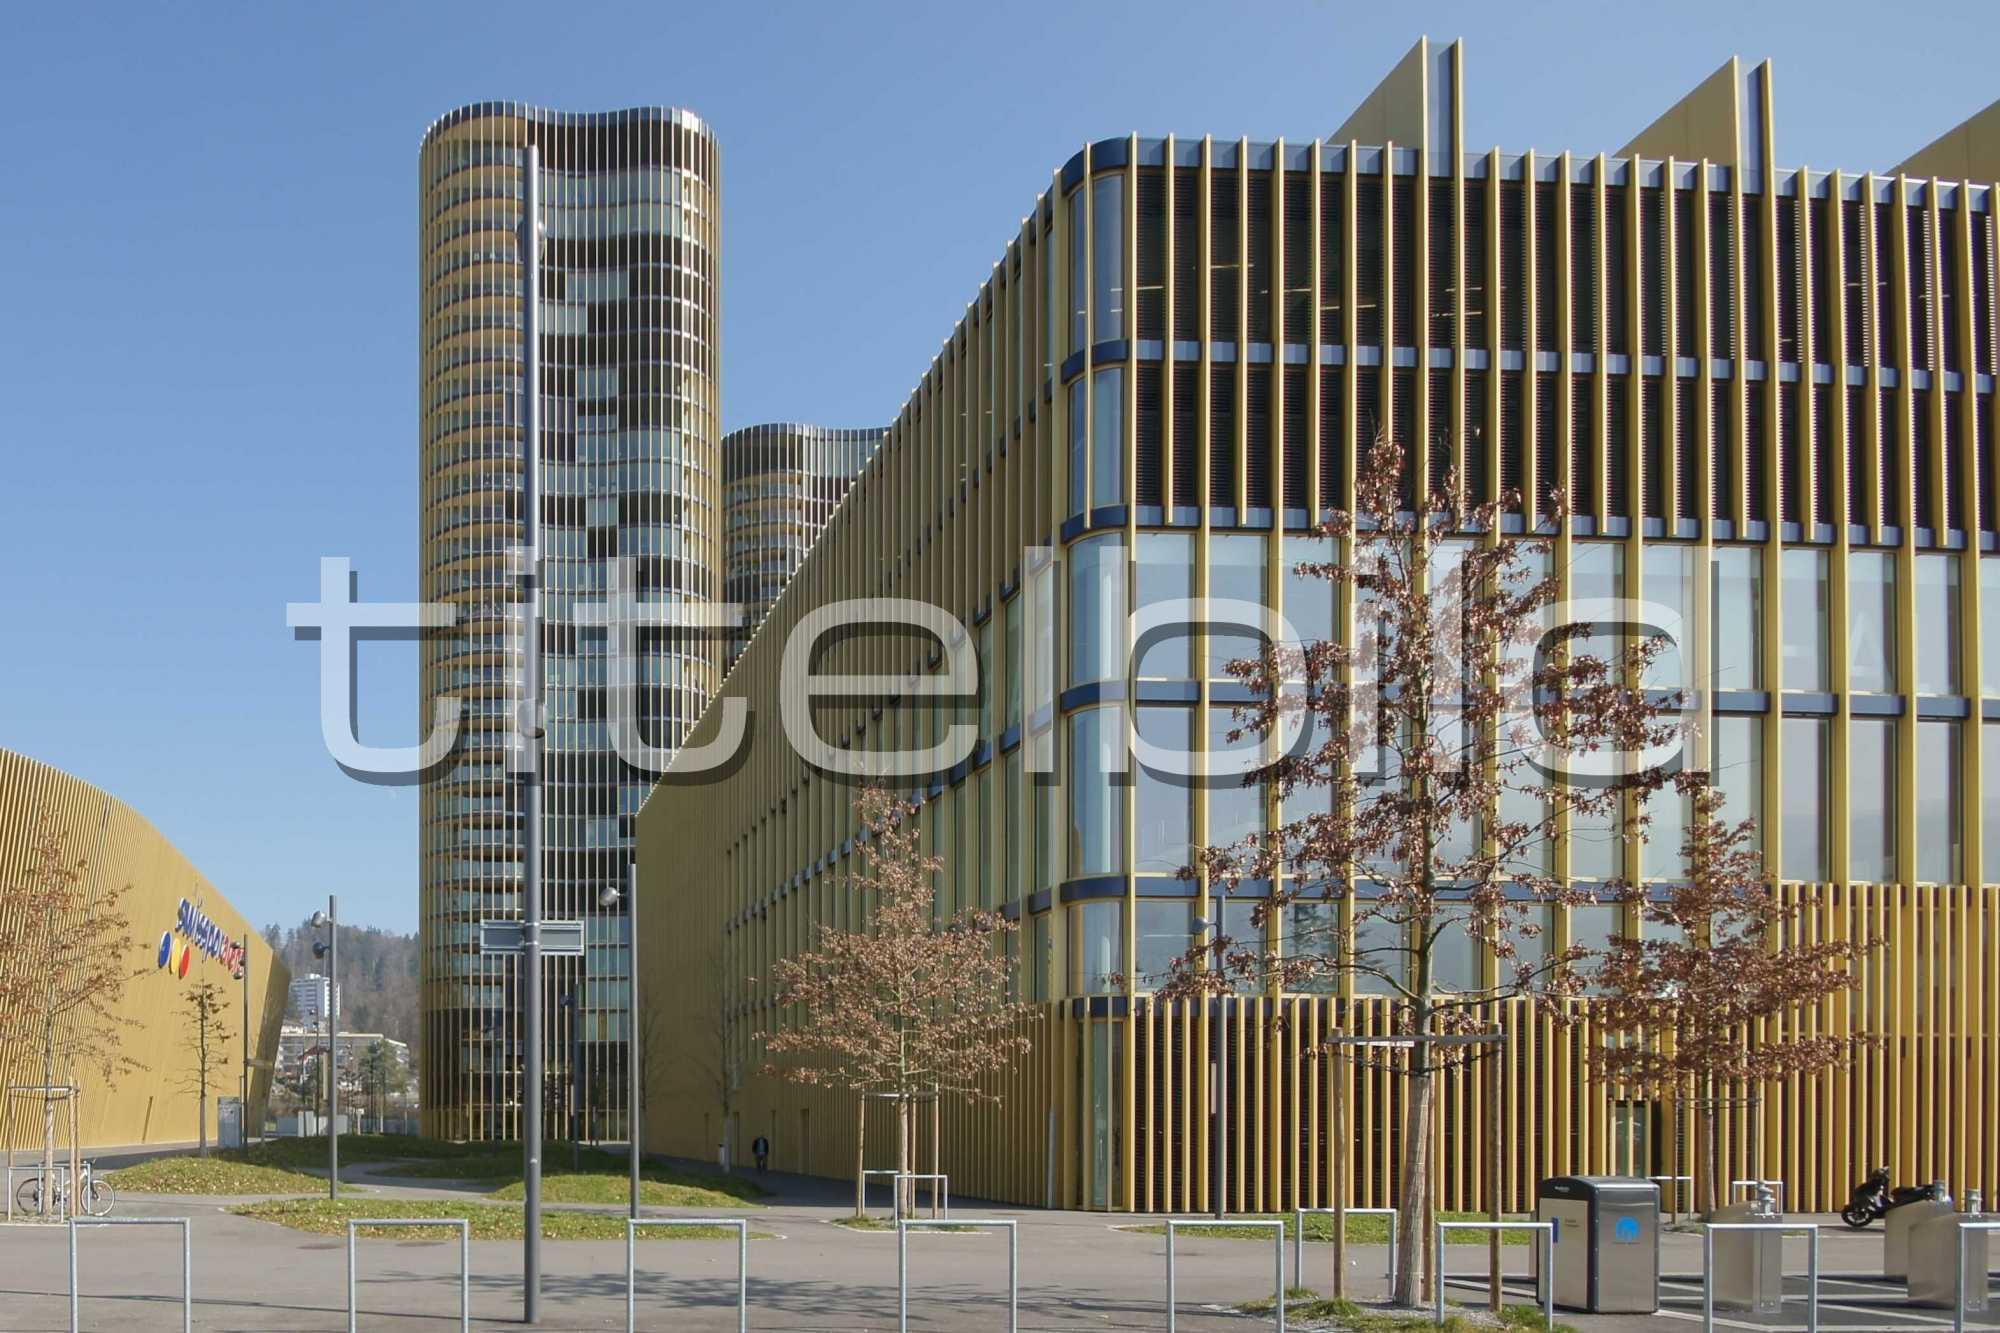 Projektbild-Nr. 1: Sportgebäude, Hallenbad Allmend